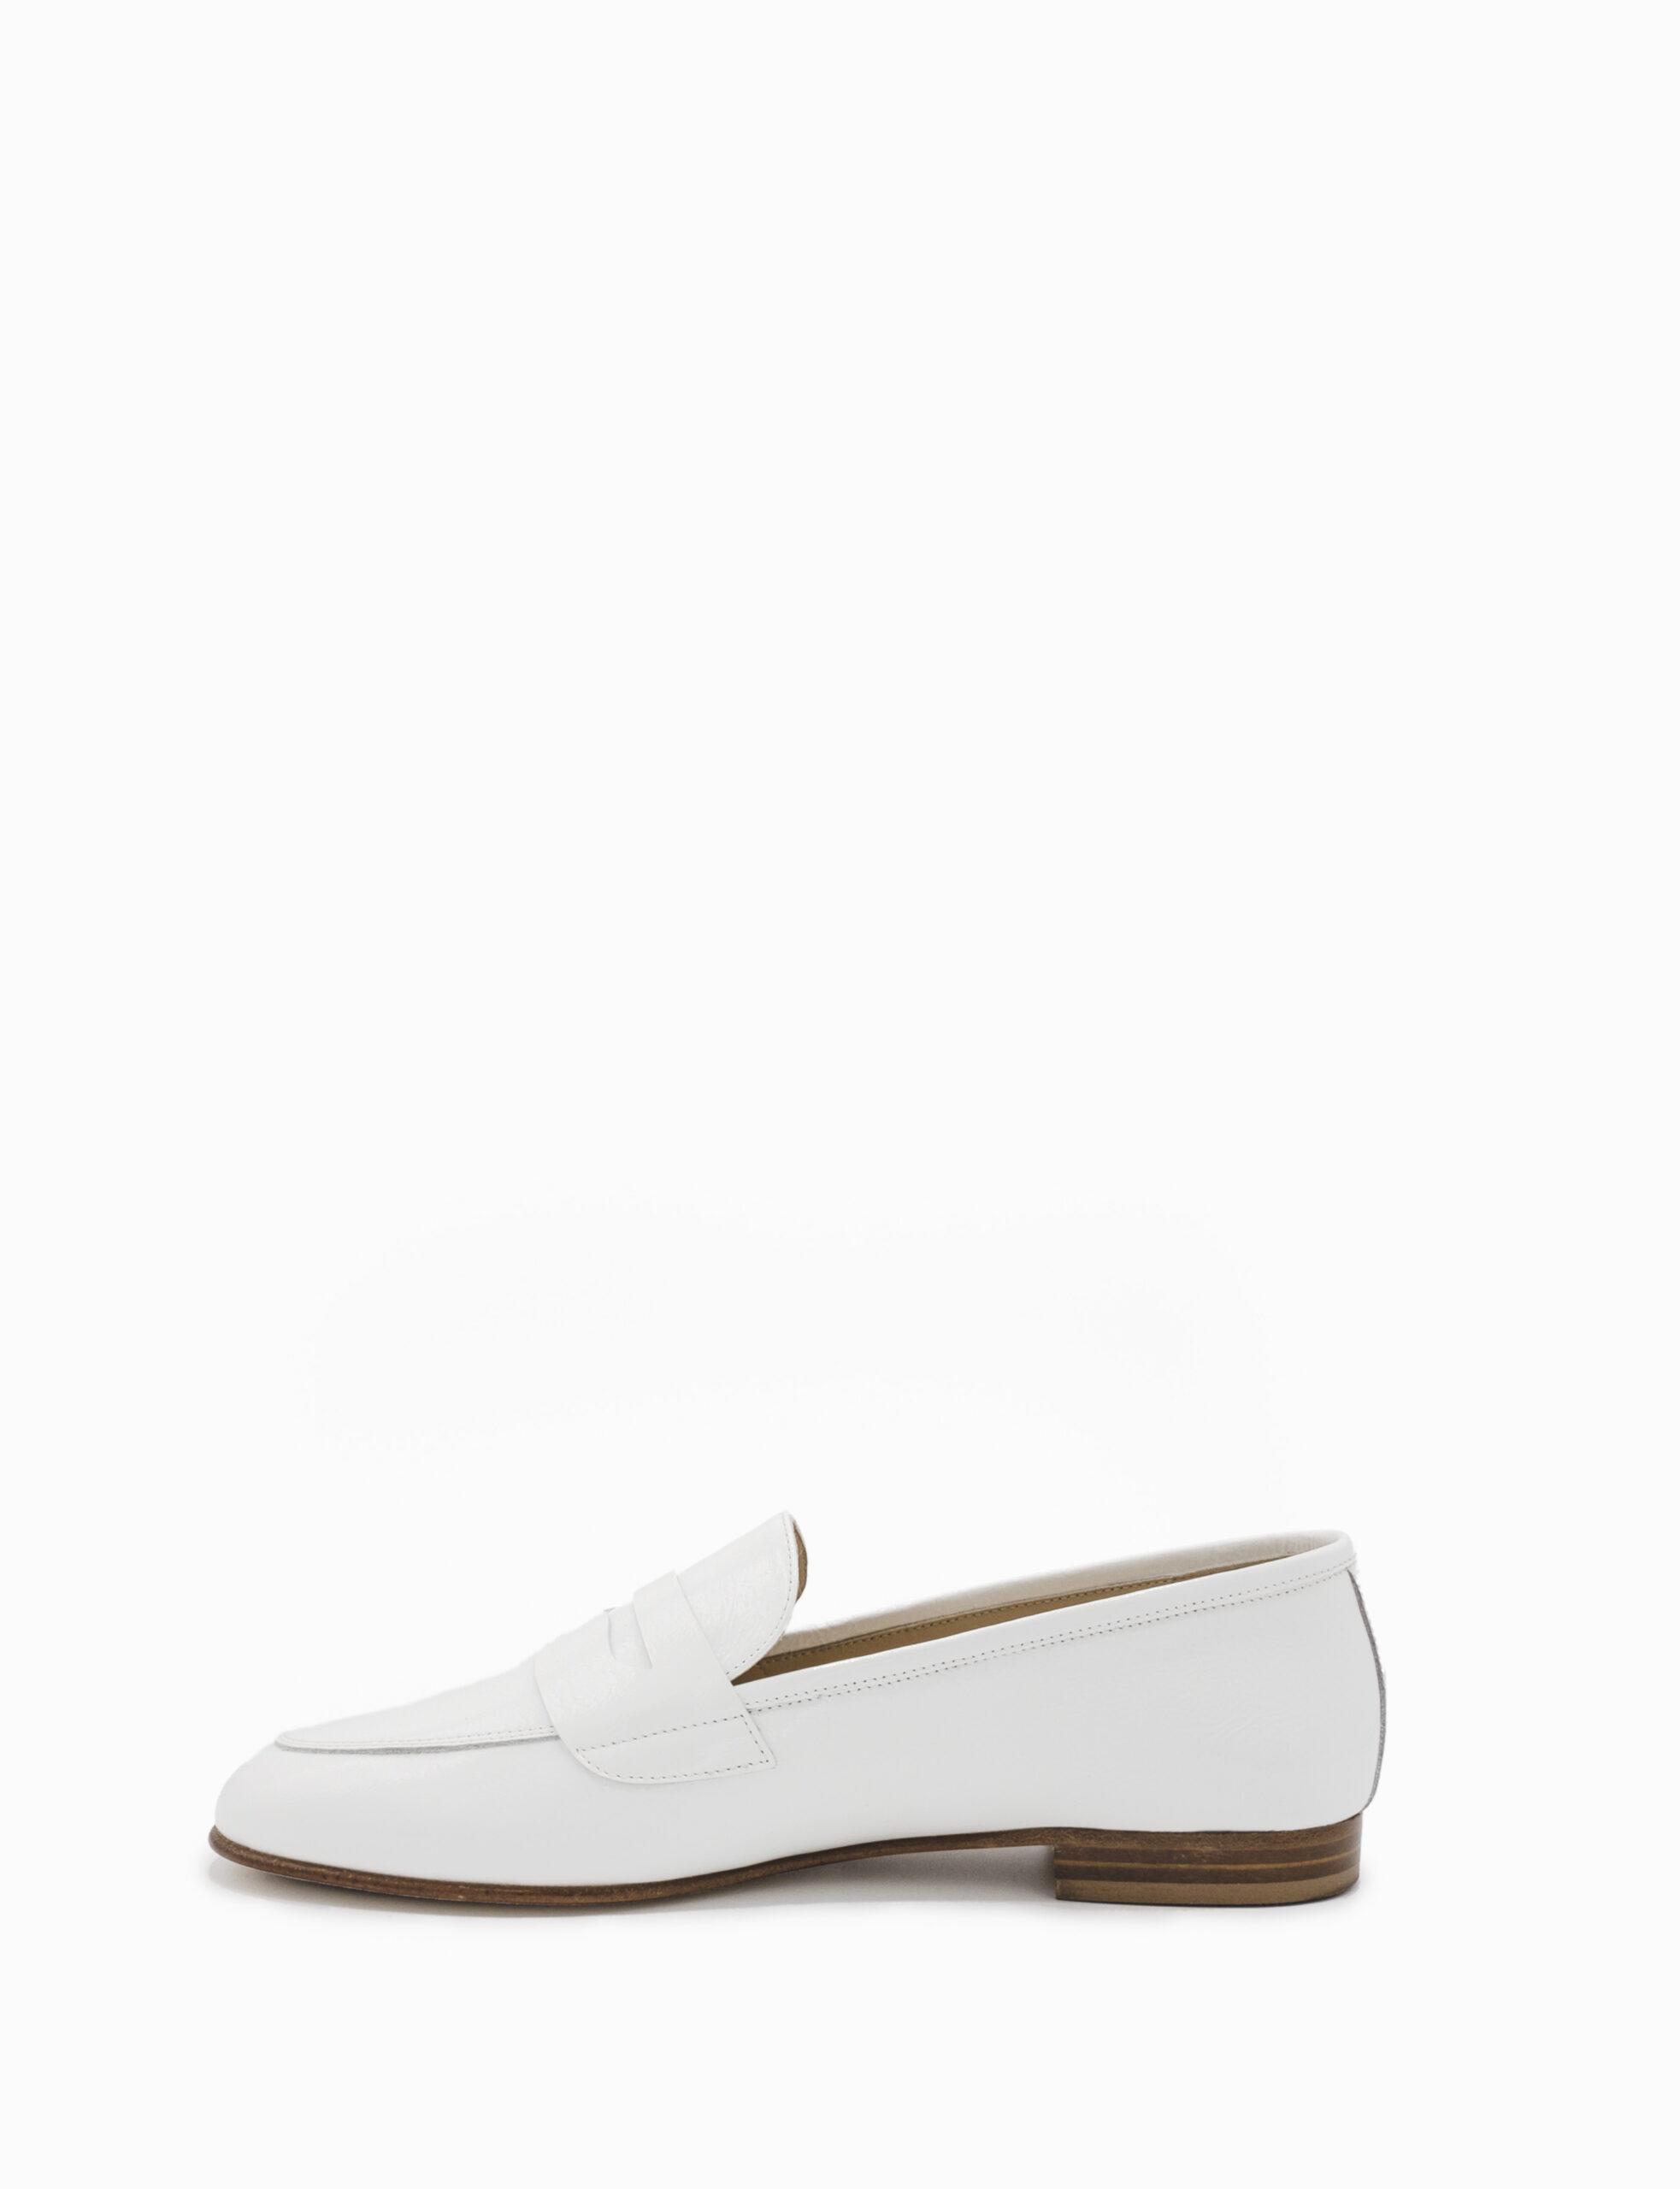 DIANA816-WHITE